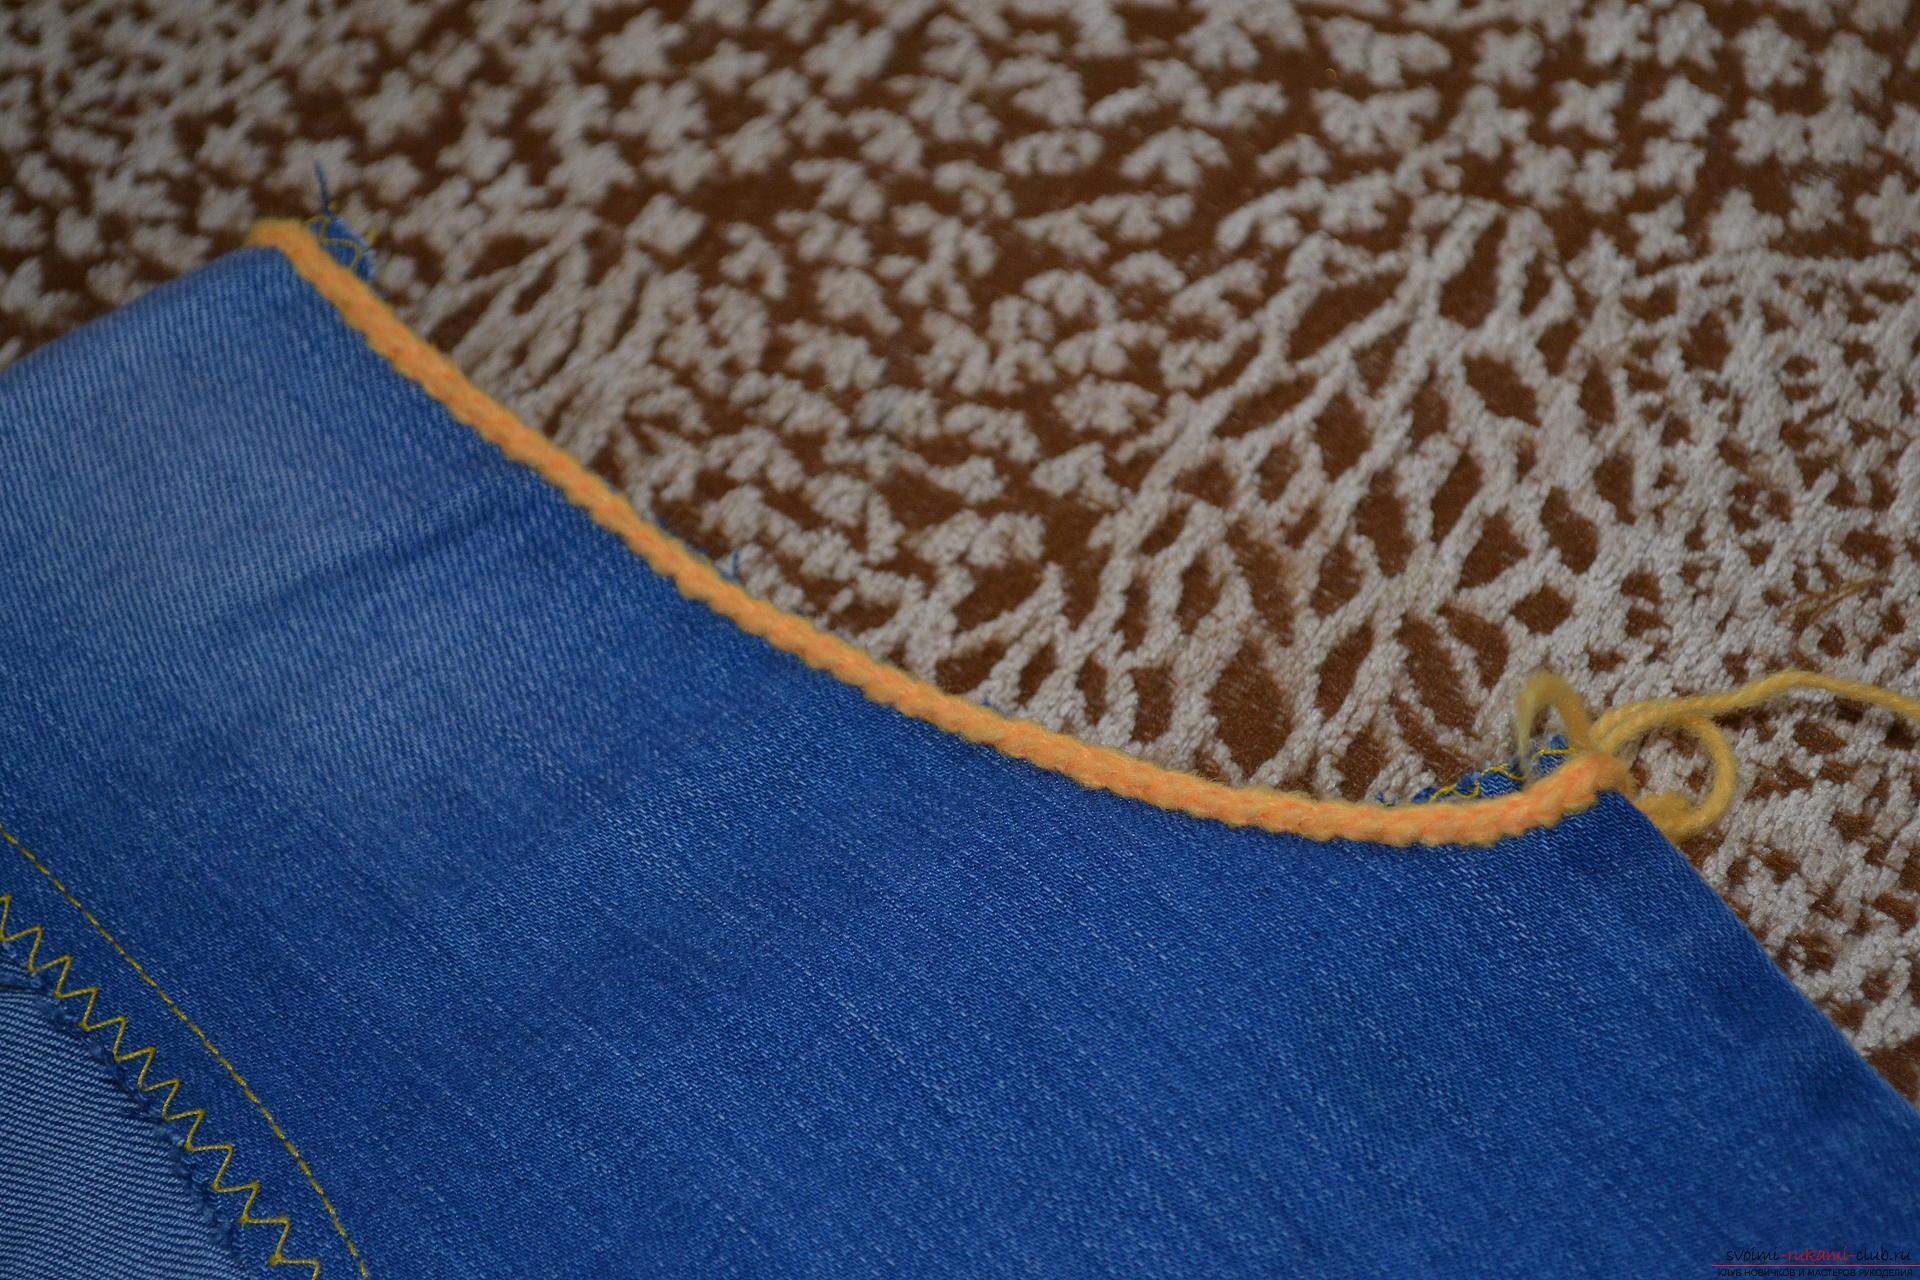 Жилетка из старых джинсов своими руками: как сшить, выкройки 4